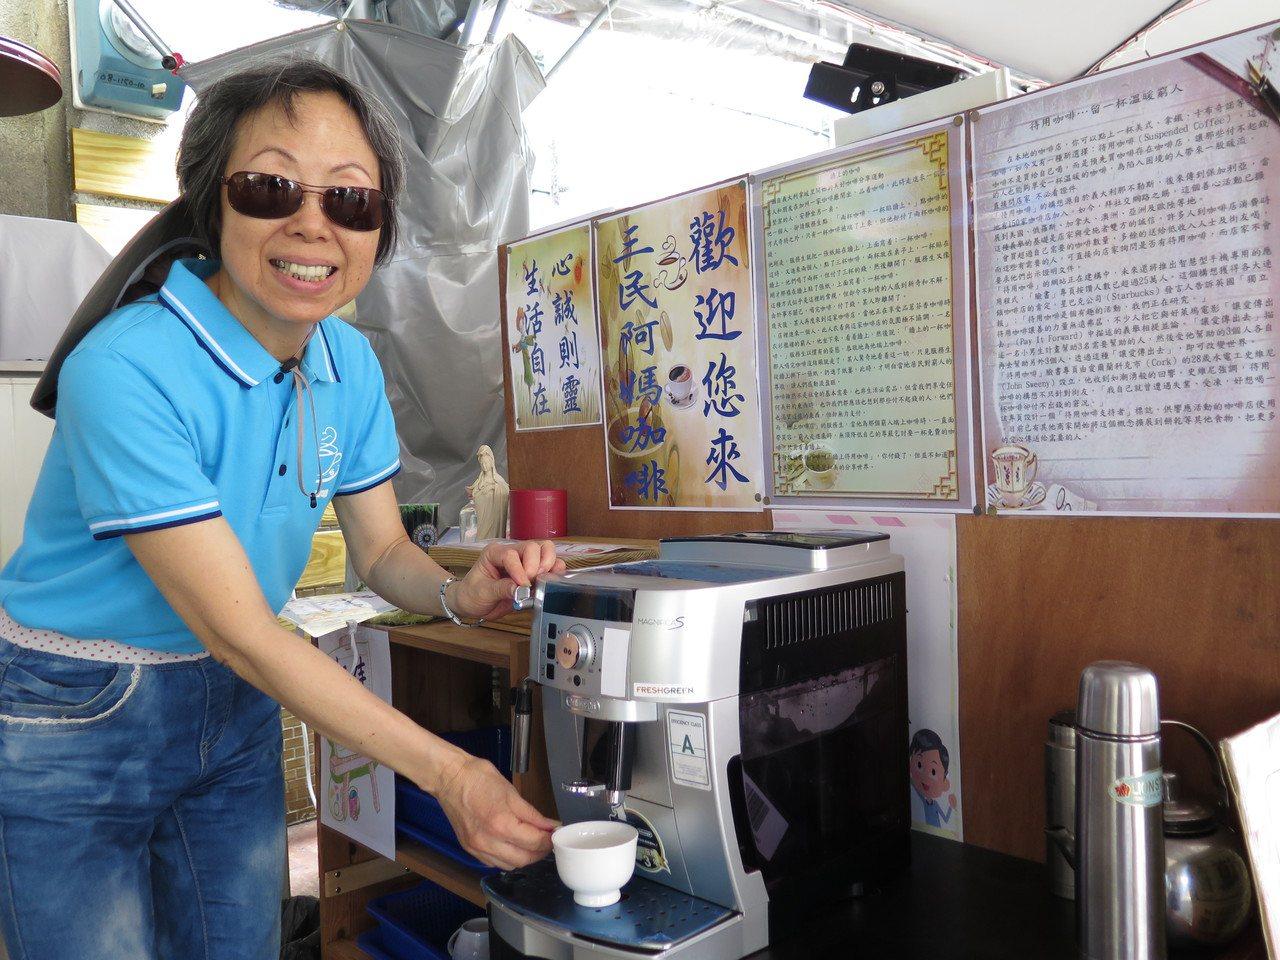 桃園區三民里營運「阿媽咖啡」,以待用咖啡傳遞善的循環,72歲里民侯李麗珠加入志工...